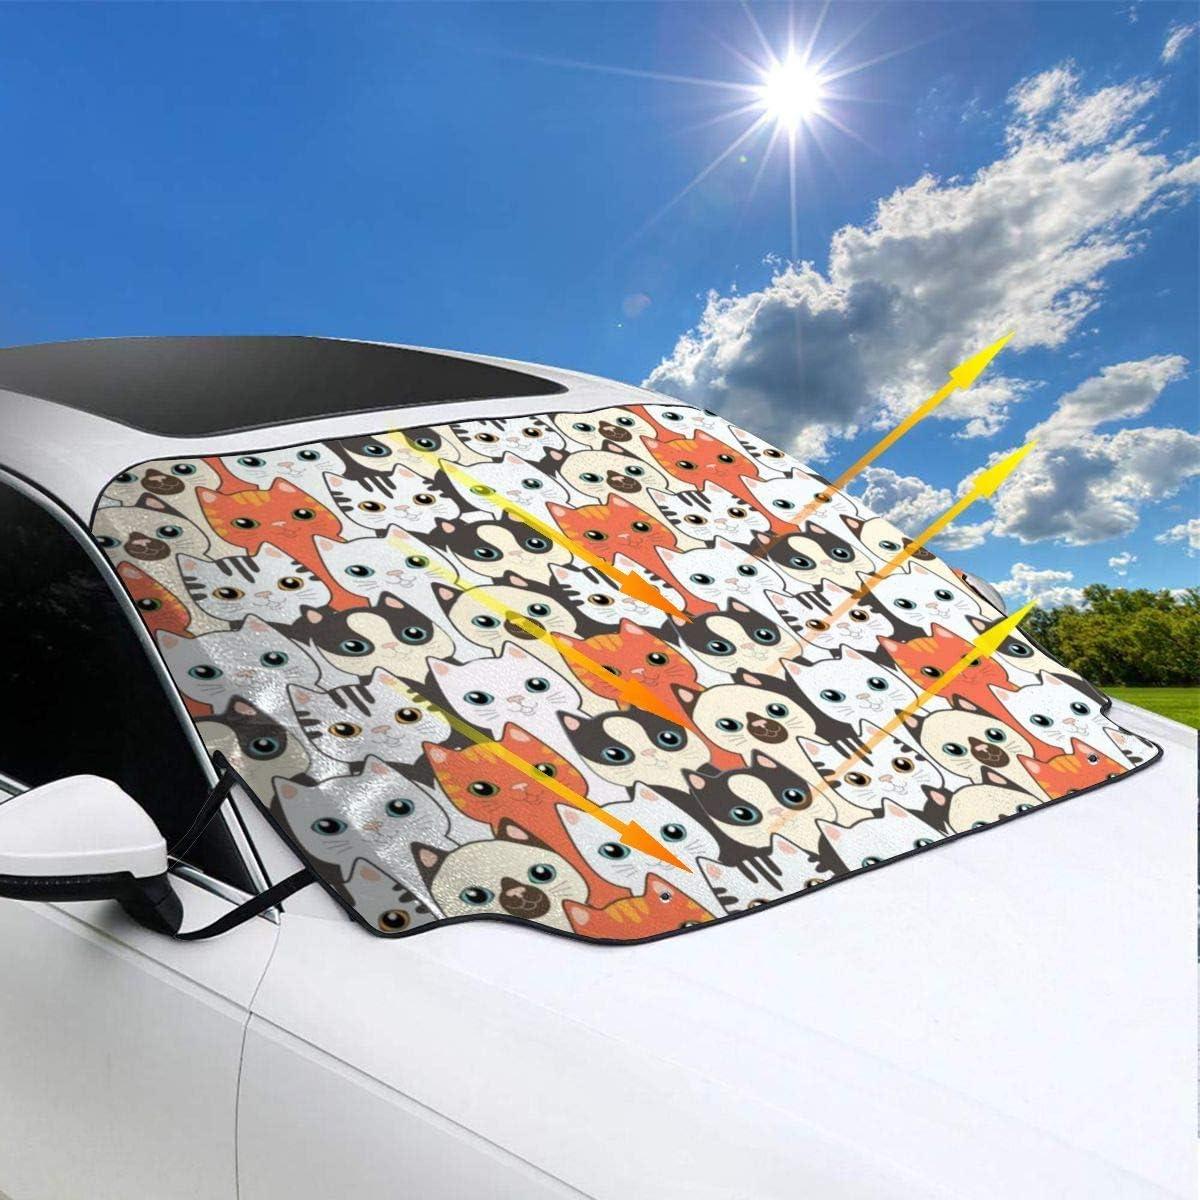 MOLLUDY Frontscheibenabdeckung Windschutzscheibe Auto Frontscheibe Abdeckung Farbige Blume Winter Magnetisch Frostabdeckung Sonnenschutz Schneeschutz